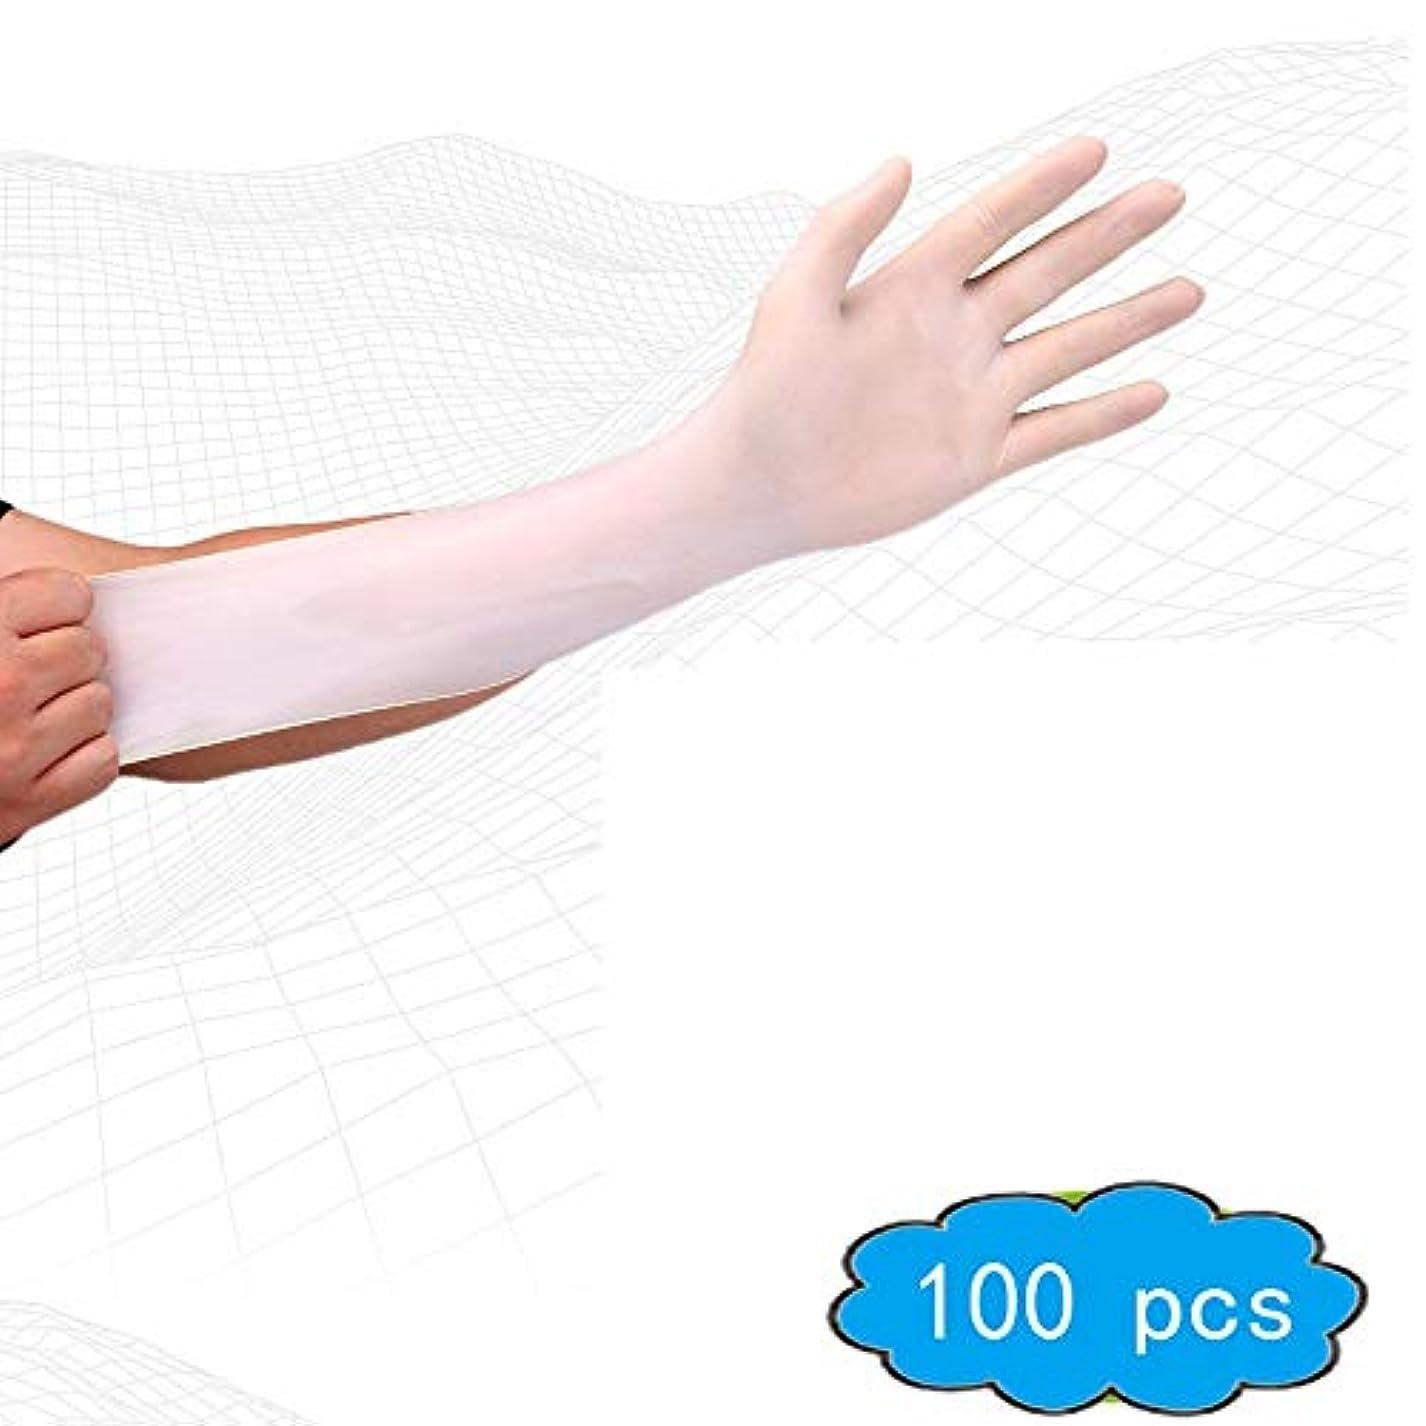 軽量強い集中的な使い捨てラテックス手袋、パウダーなし/ポックマーク/左手および右手、100箱、厚手、食品グレード、実験室、電子機器、ケータリング、高弾性手袋 (Color : Beige, Size : XS)